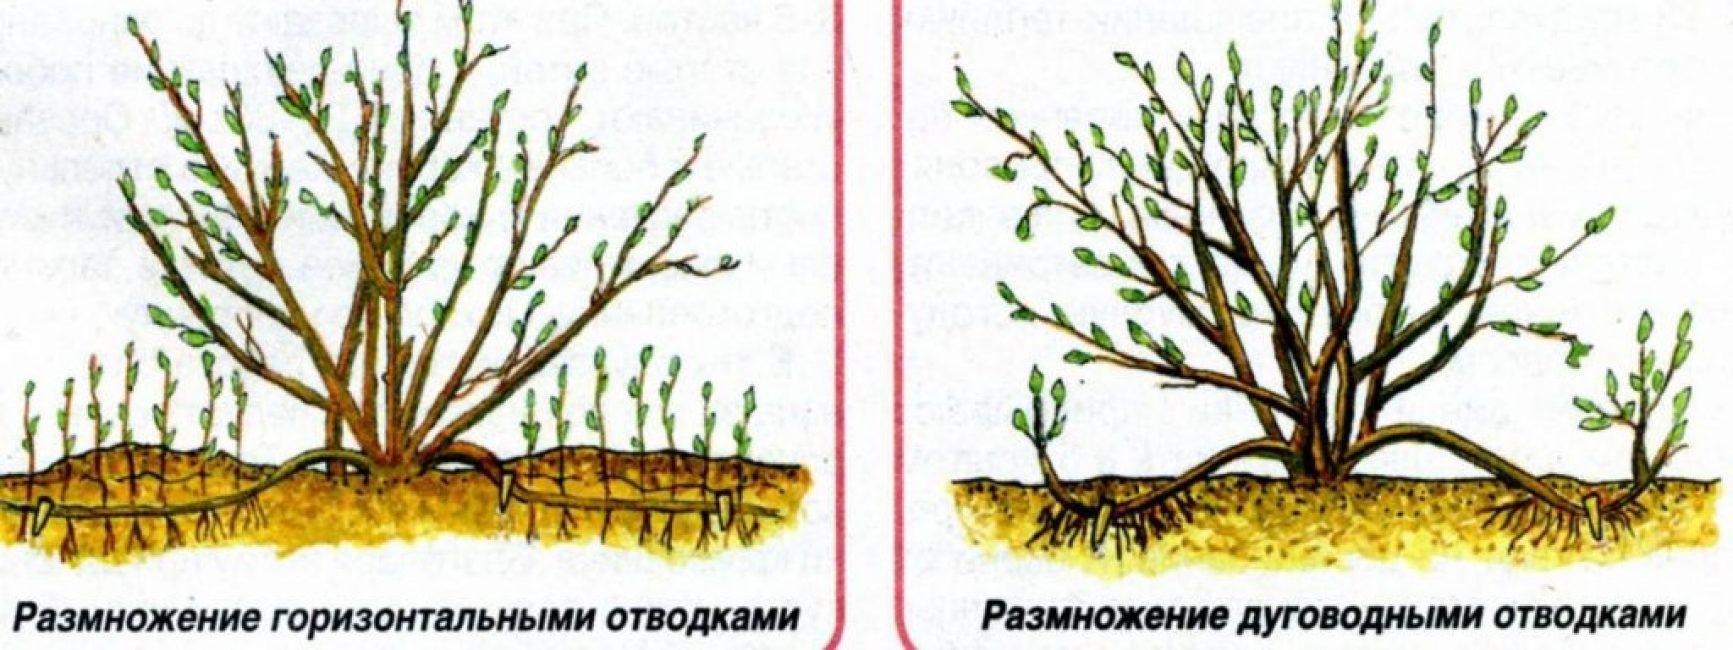 Схема получения отводок от взрослого куста гортензии